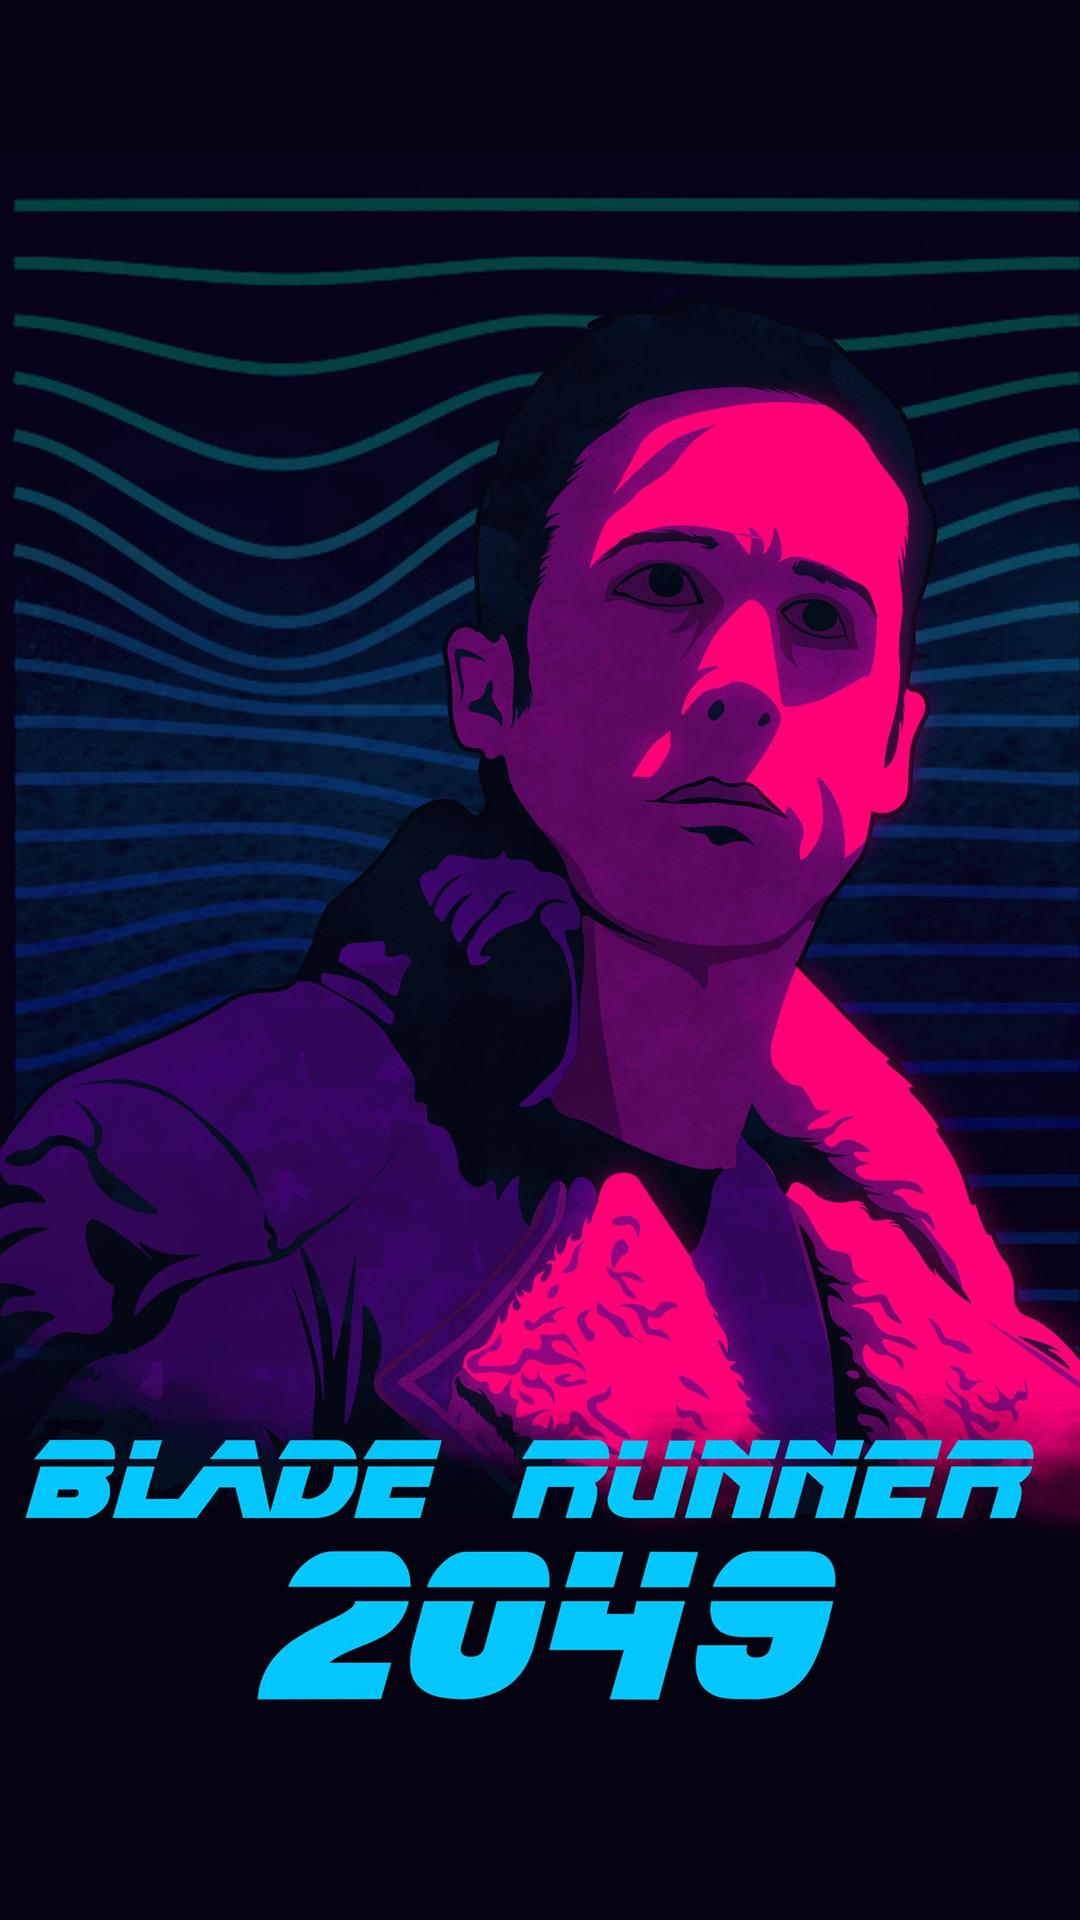 Blade Runner 2045